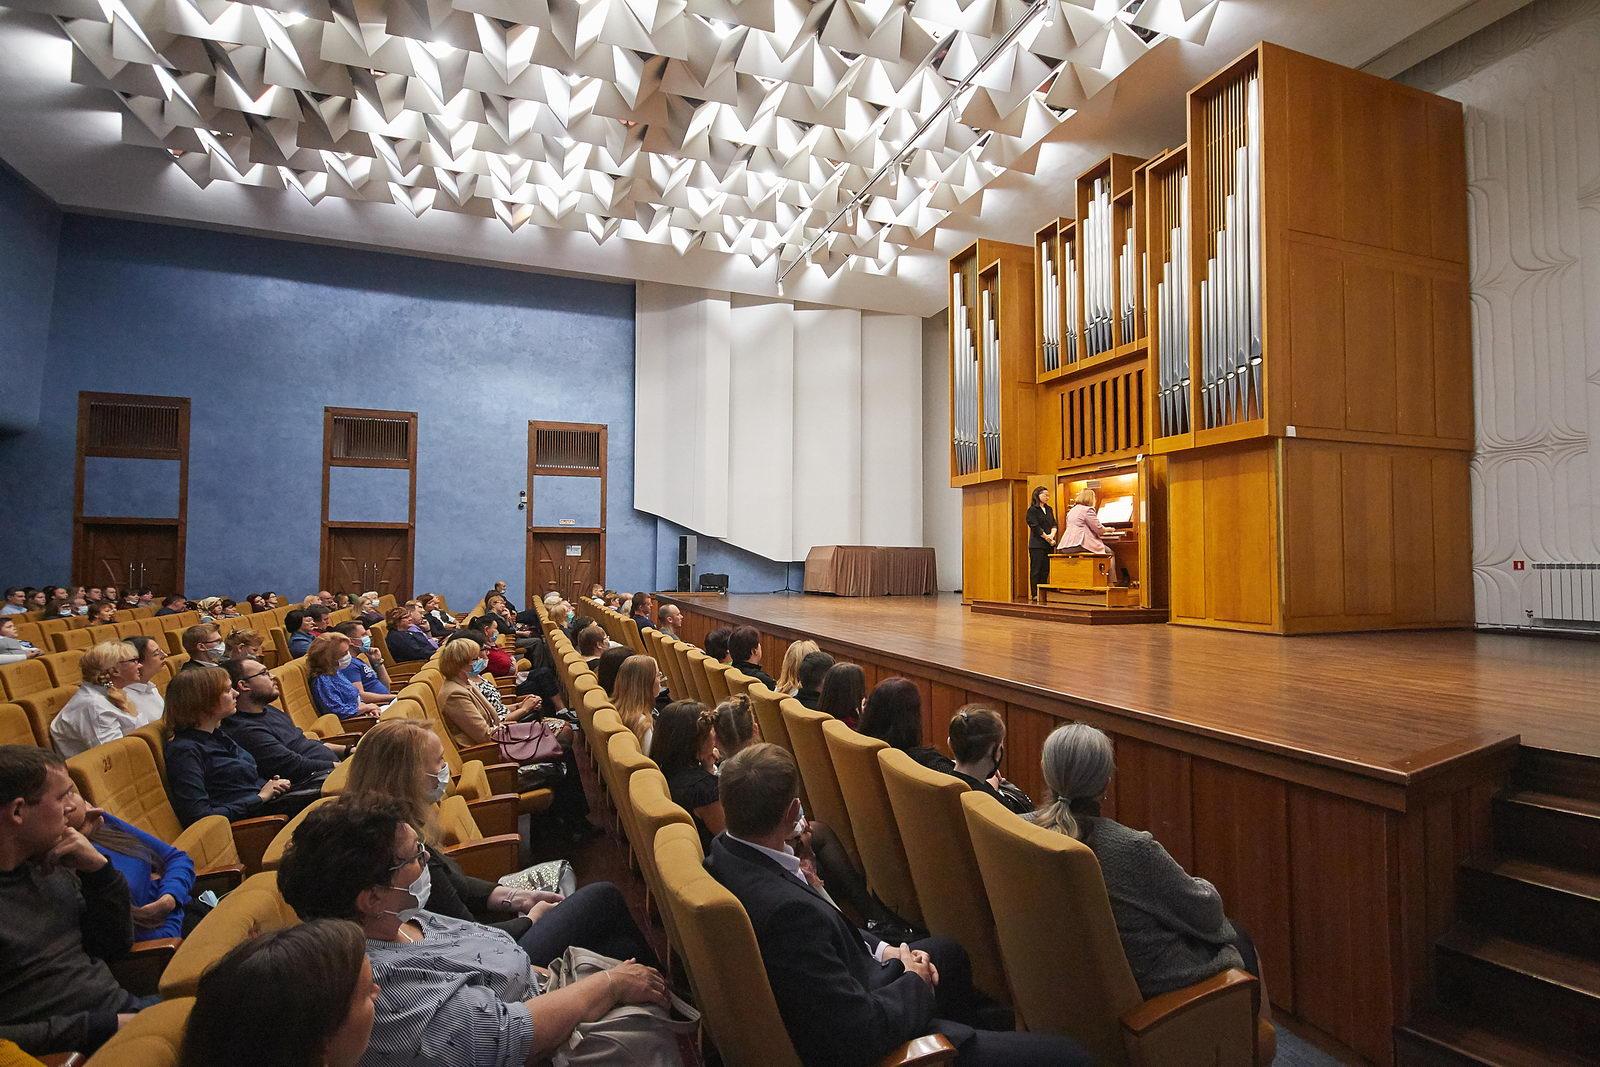 Открытие сезона «Осеннее соло на органе», 15.09.2021